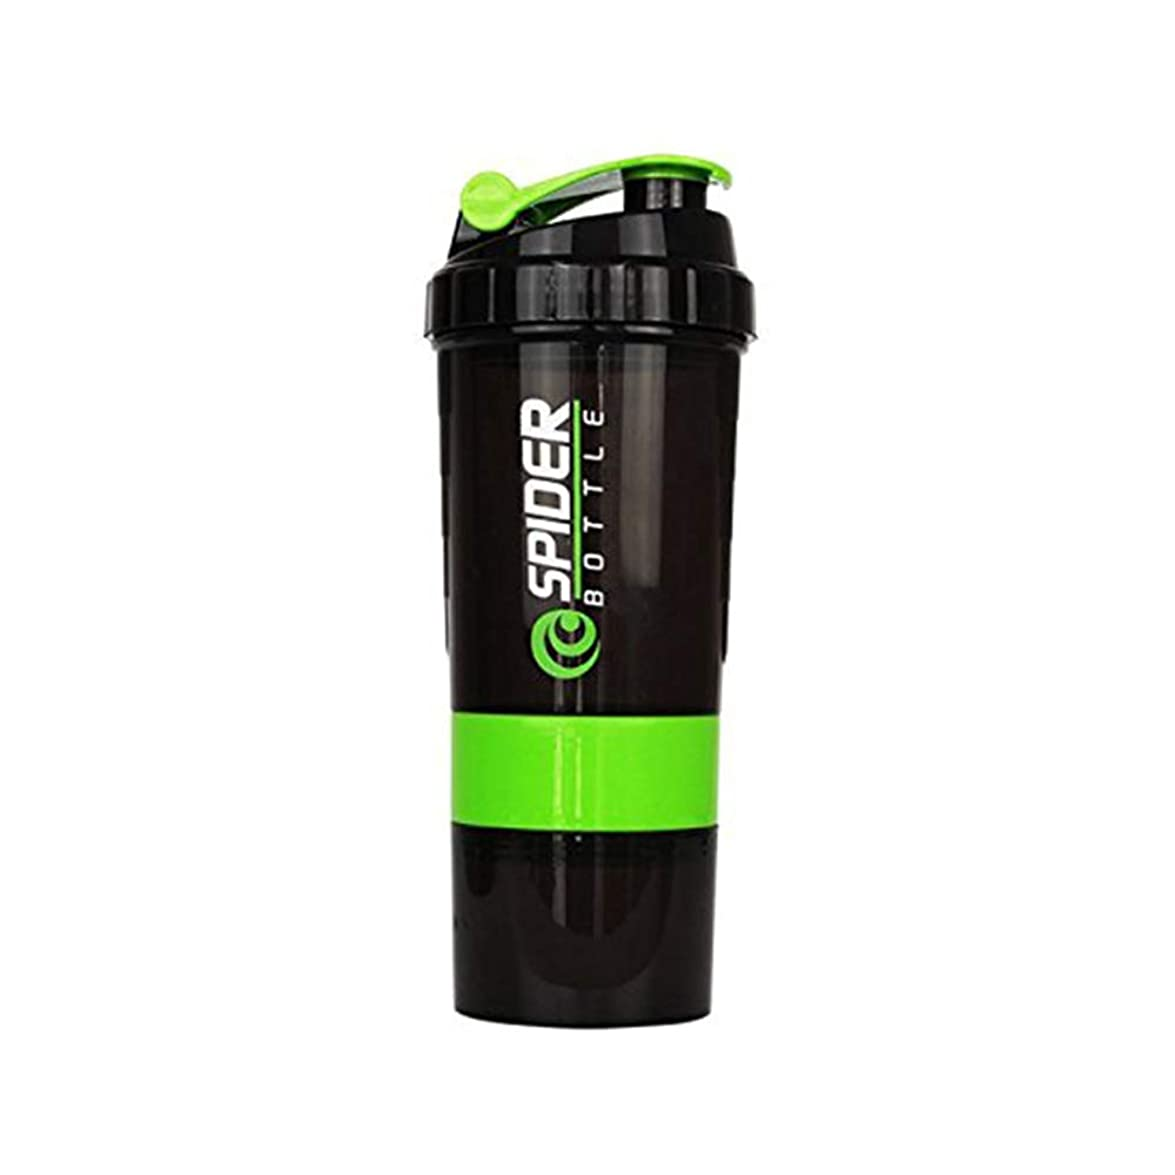 喉が渇いた生きる飢えSimg プロテインシェイカー 650ml シェーカーボトル プラスチック 目盛り ジム ダイエット スポーツ (グリーン)